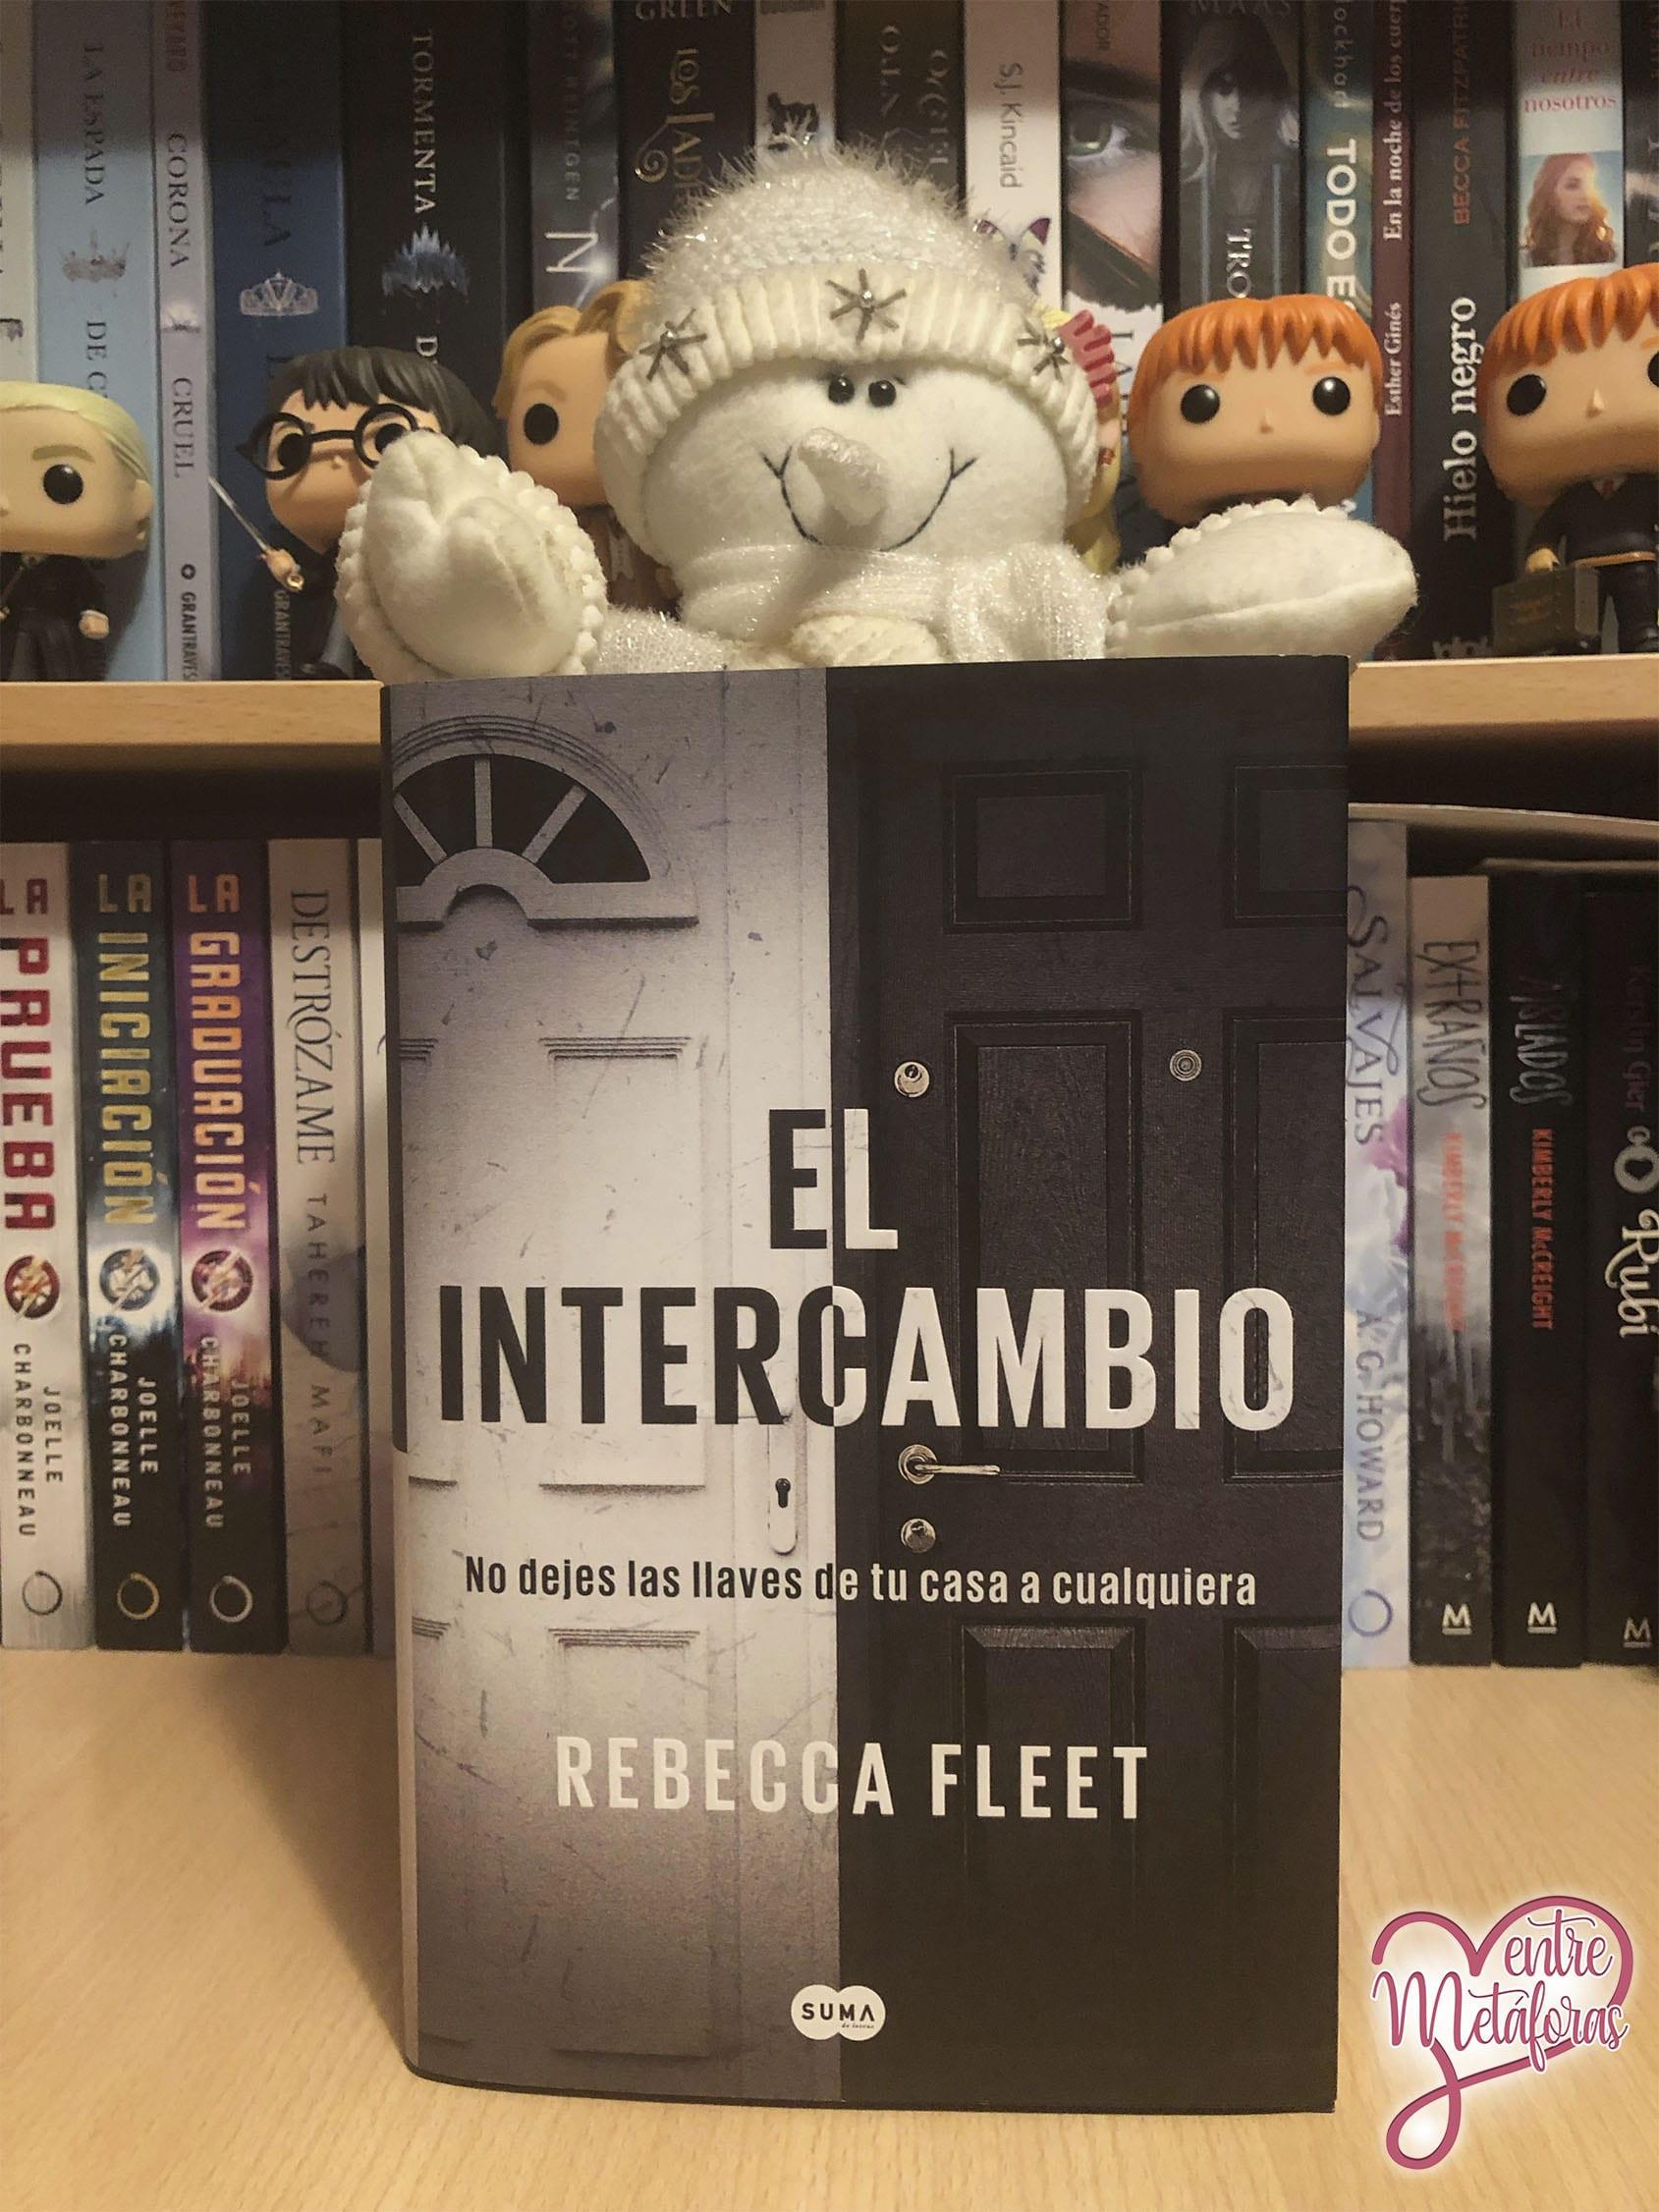 El intercambio, de Rebecca Fleet - Reseña